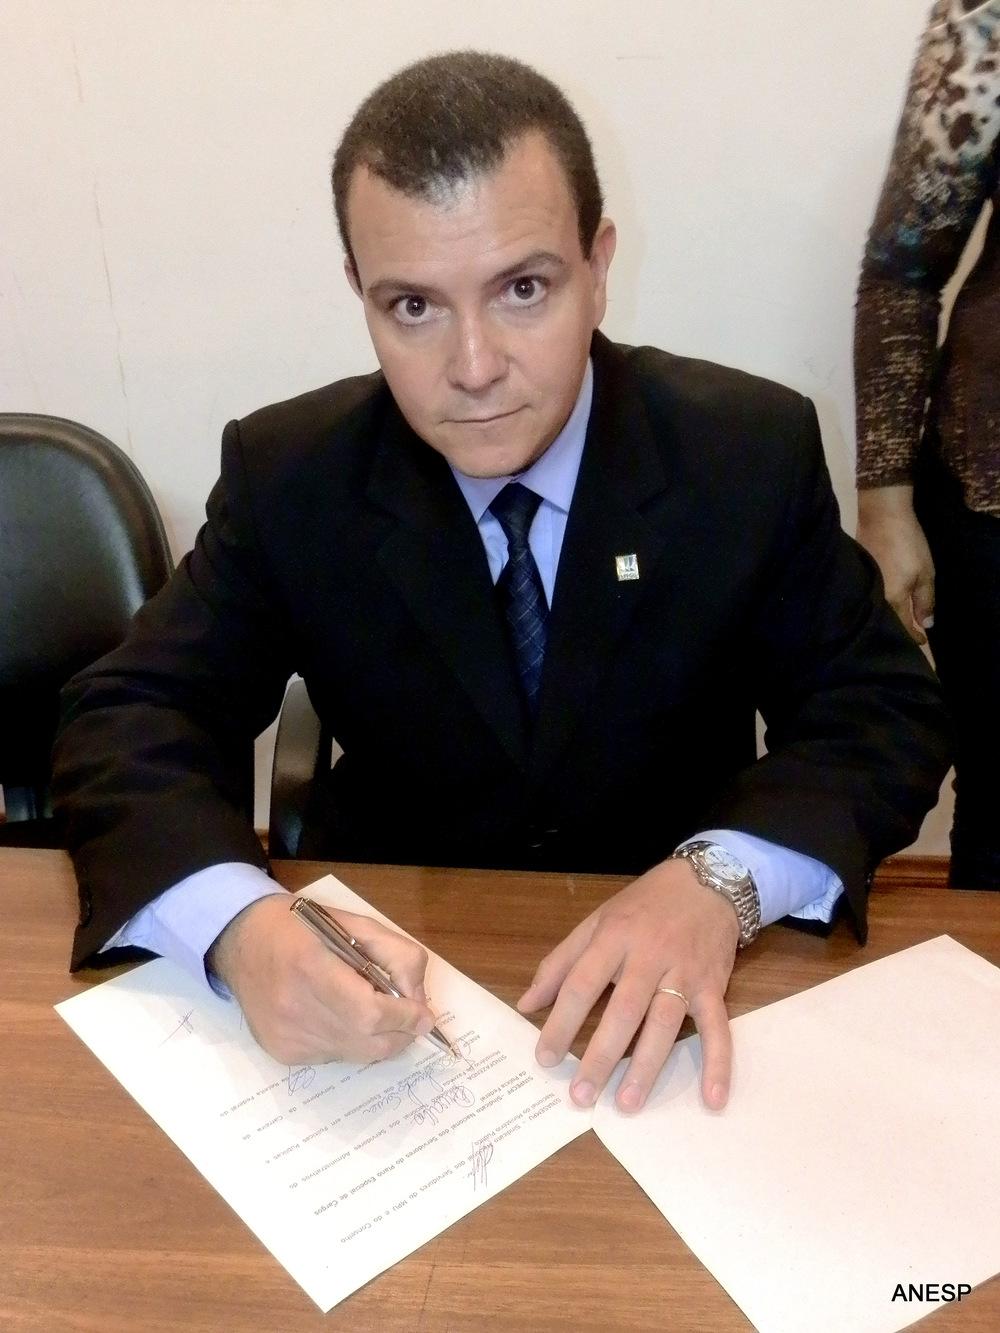 Presidente da ANESP João Aurélio. Foto: Filipe Calmon/ANESP